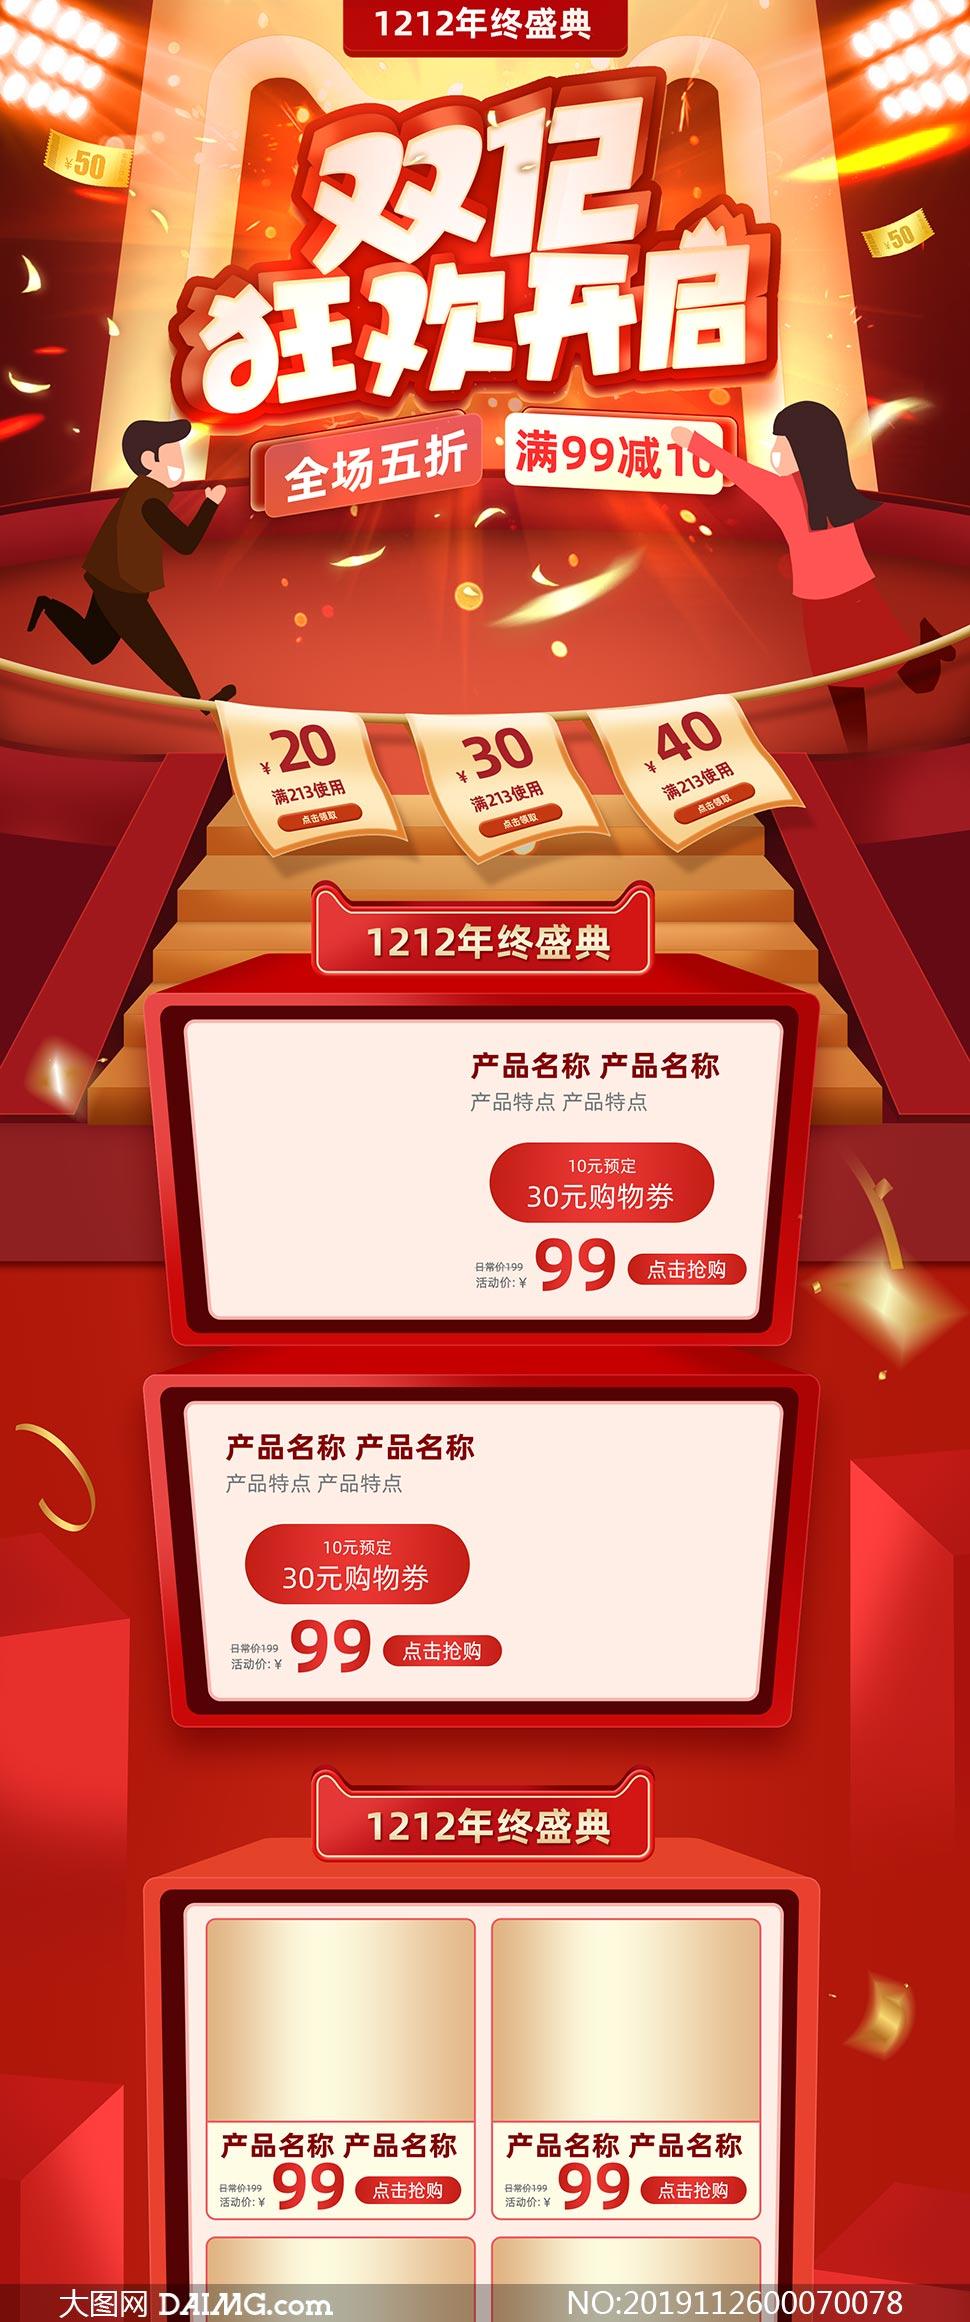 淘宝双12狂欢开启首页模板 澳门最大必赢赌场